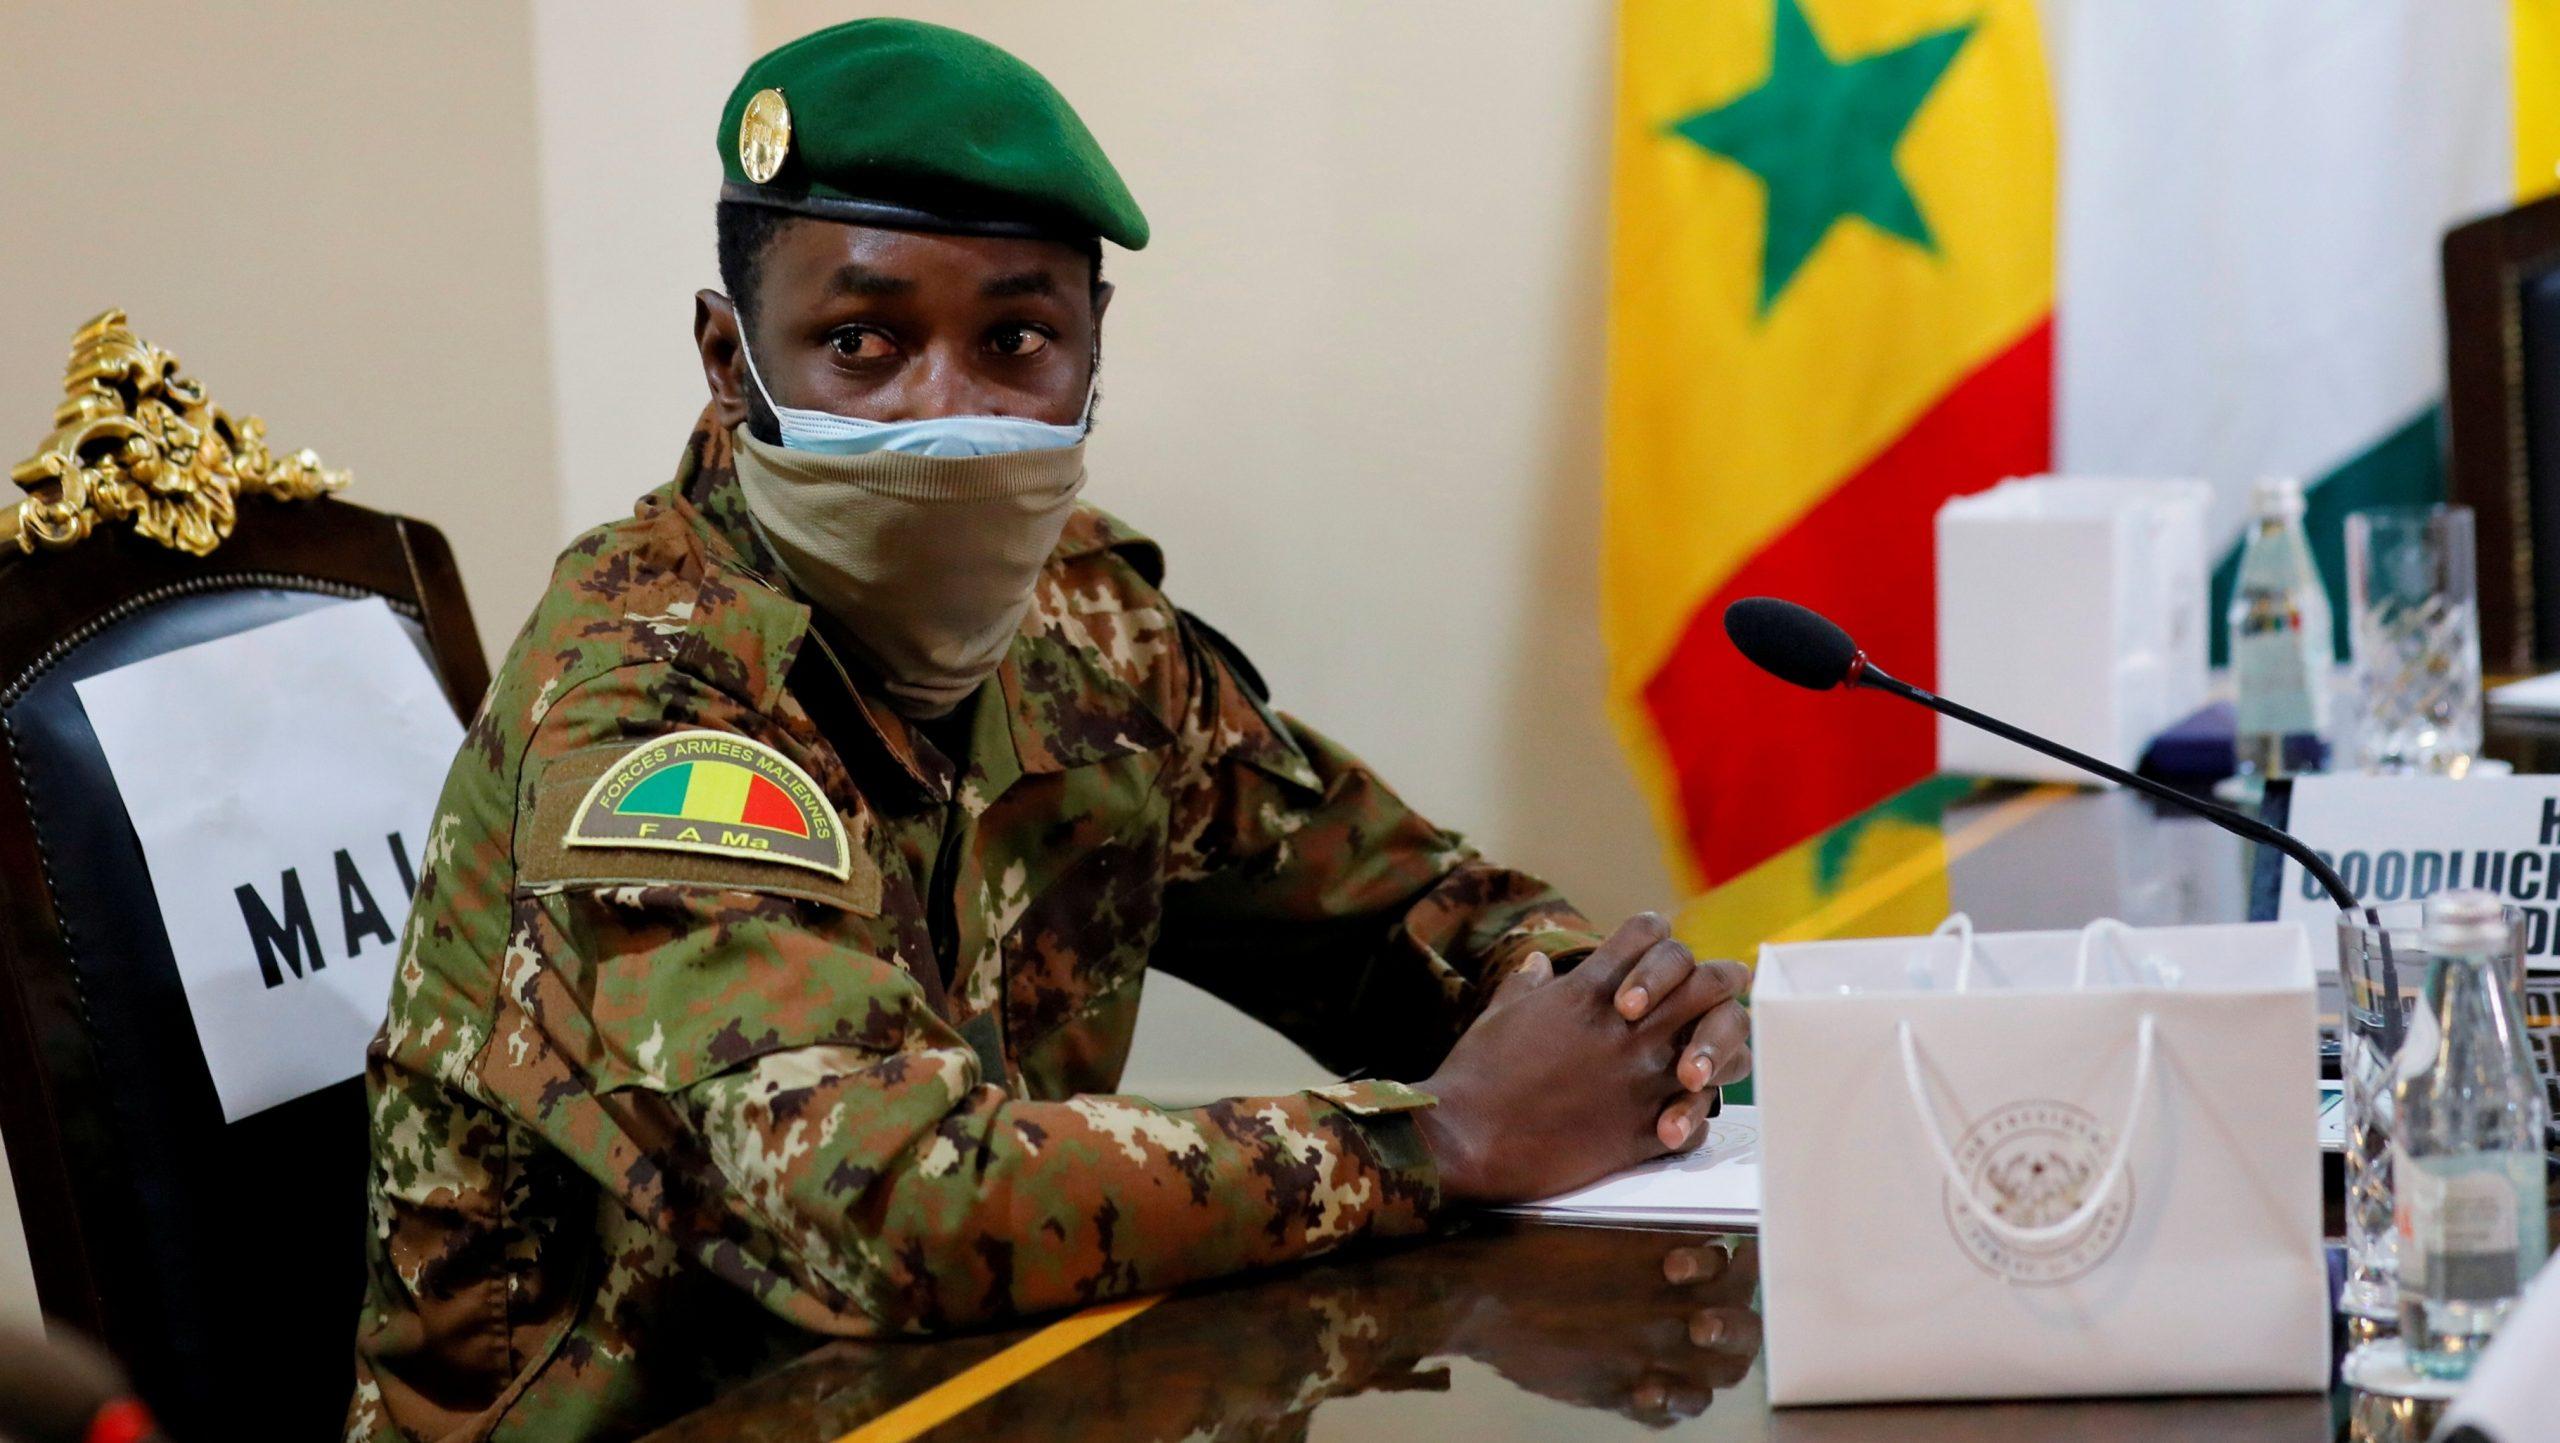 Președintele interimar din Mali supraviețuiește tentativei de asasinat